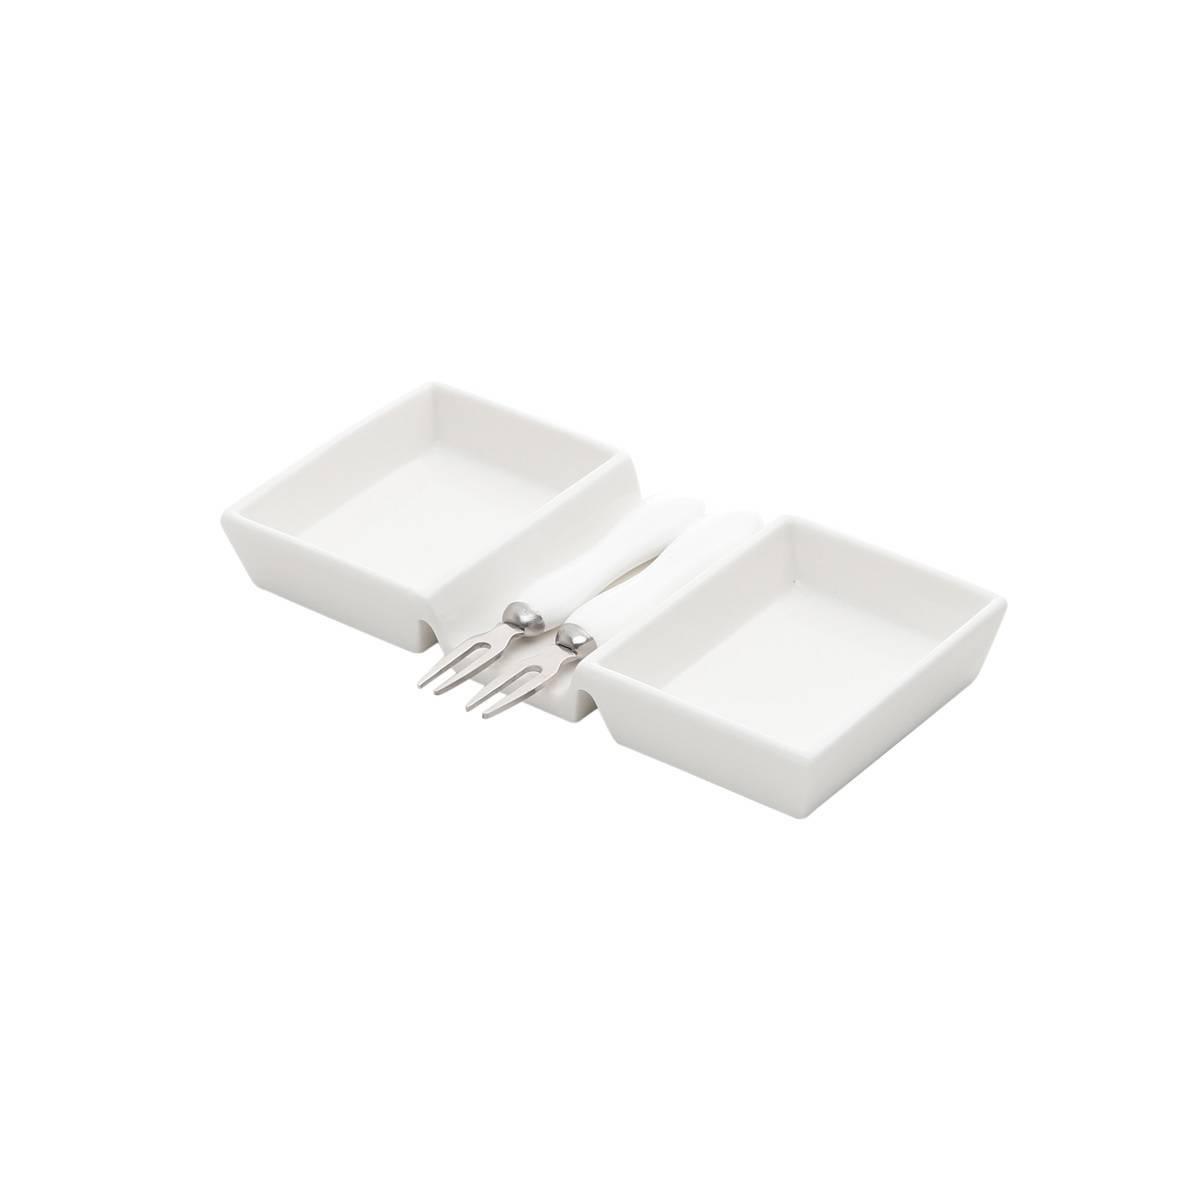 Prato para Petiscos Lyon de Porcelana 19cm com 2 Garfinhos Rojemac Branco